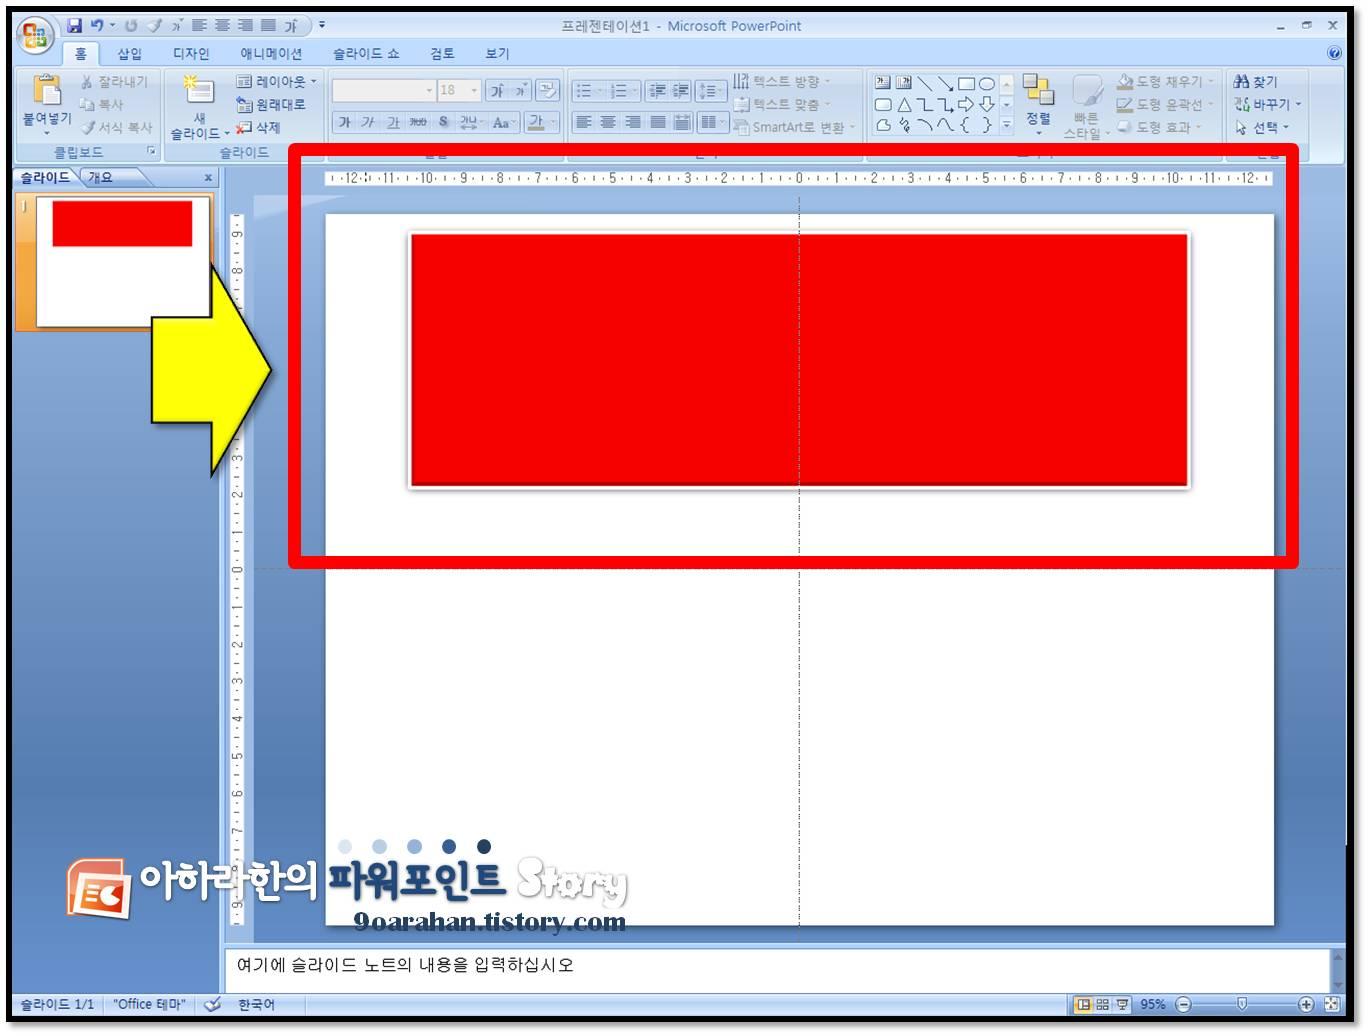 파워포인트 도형, 파워포인트 기본 도형 설정 방법